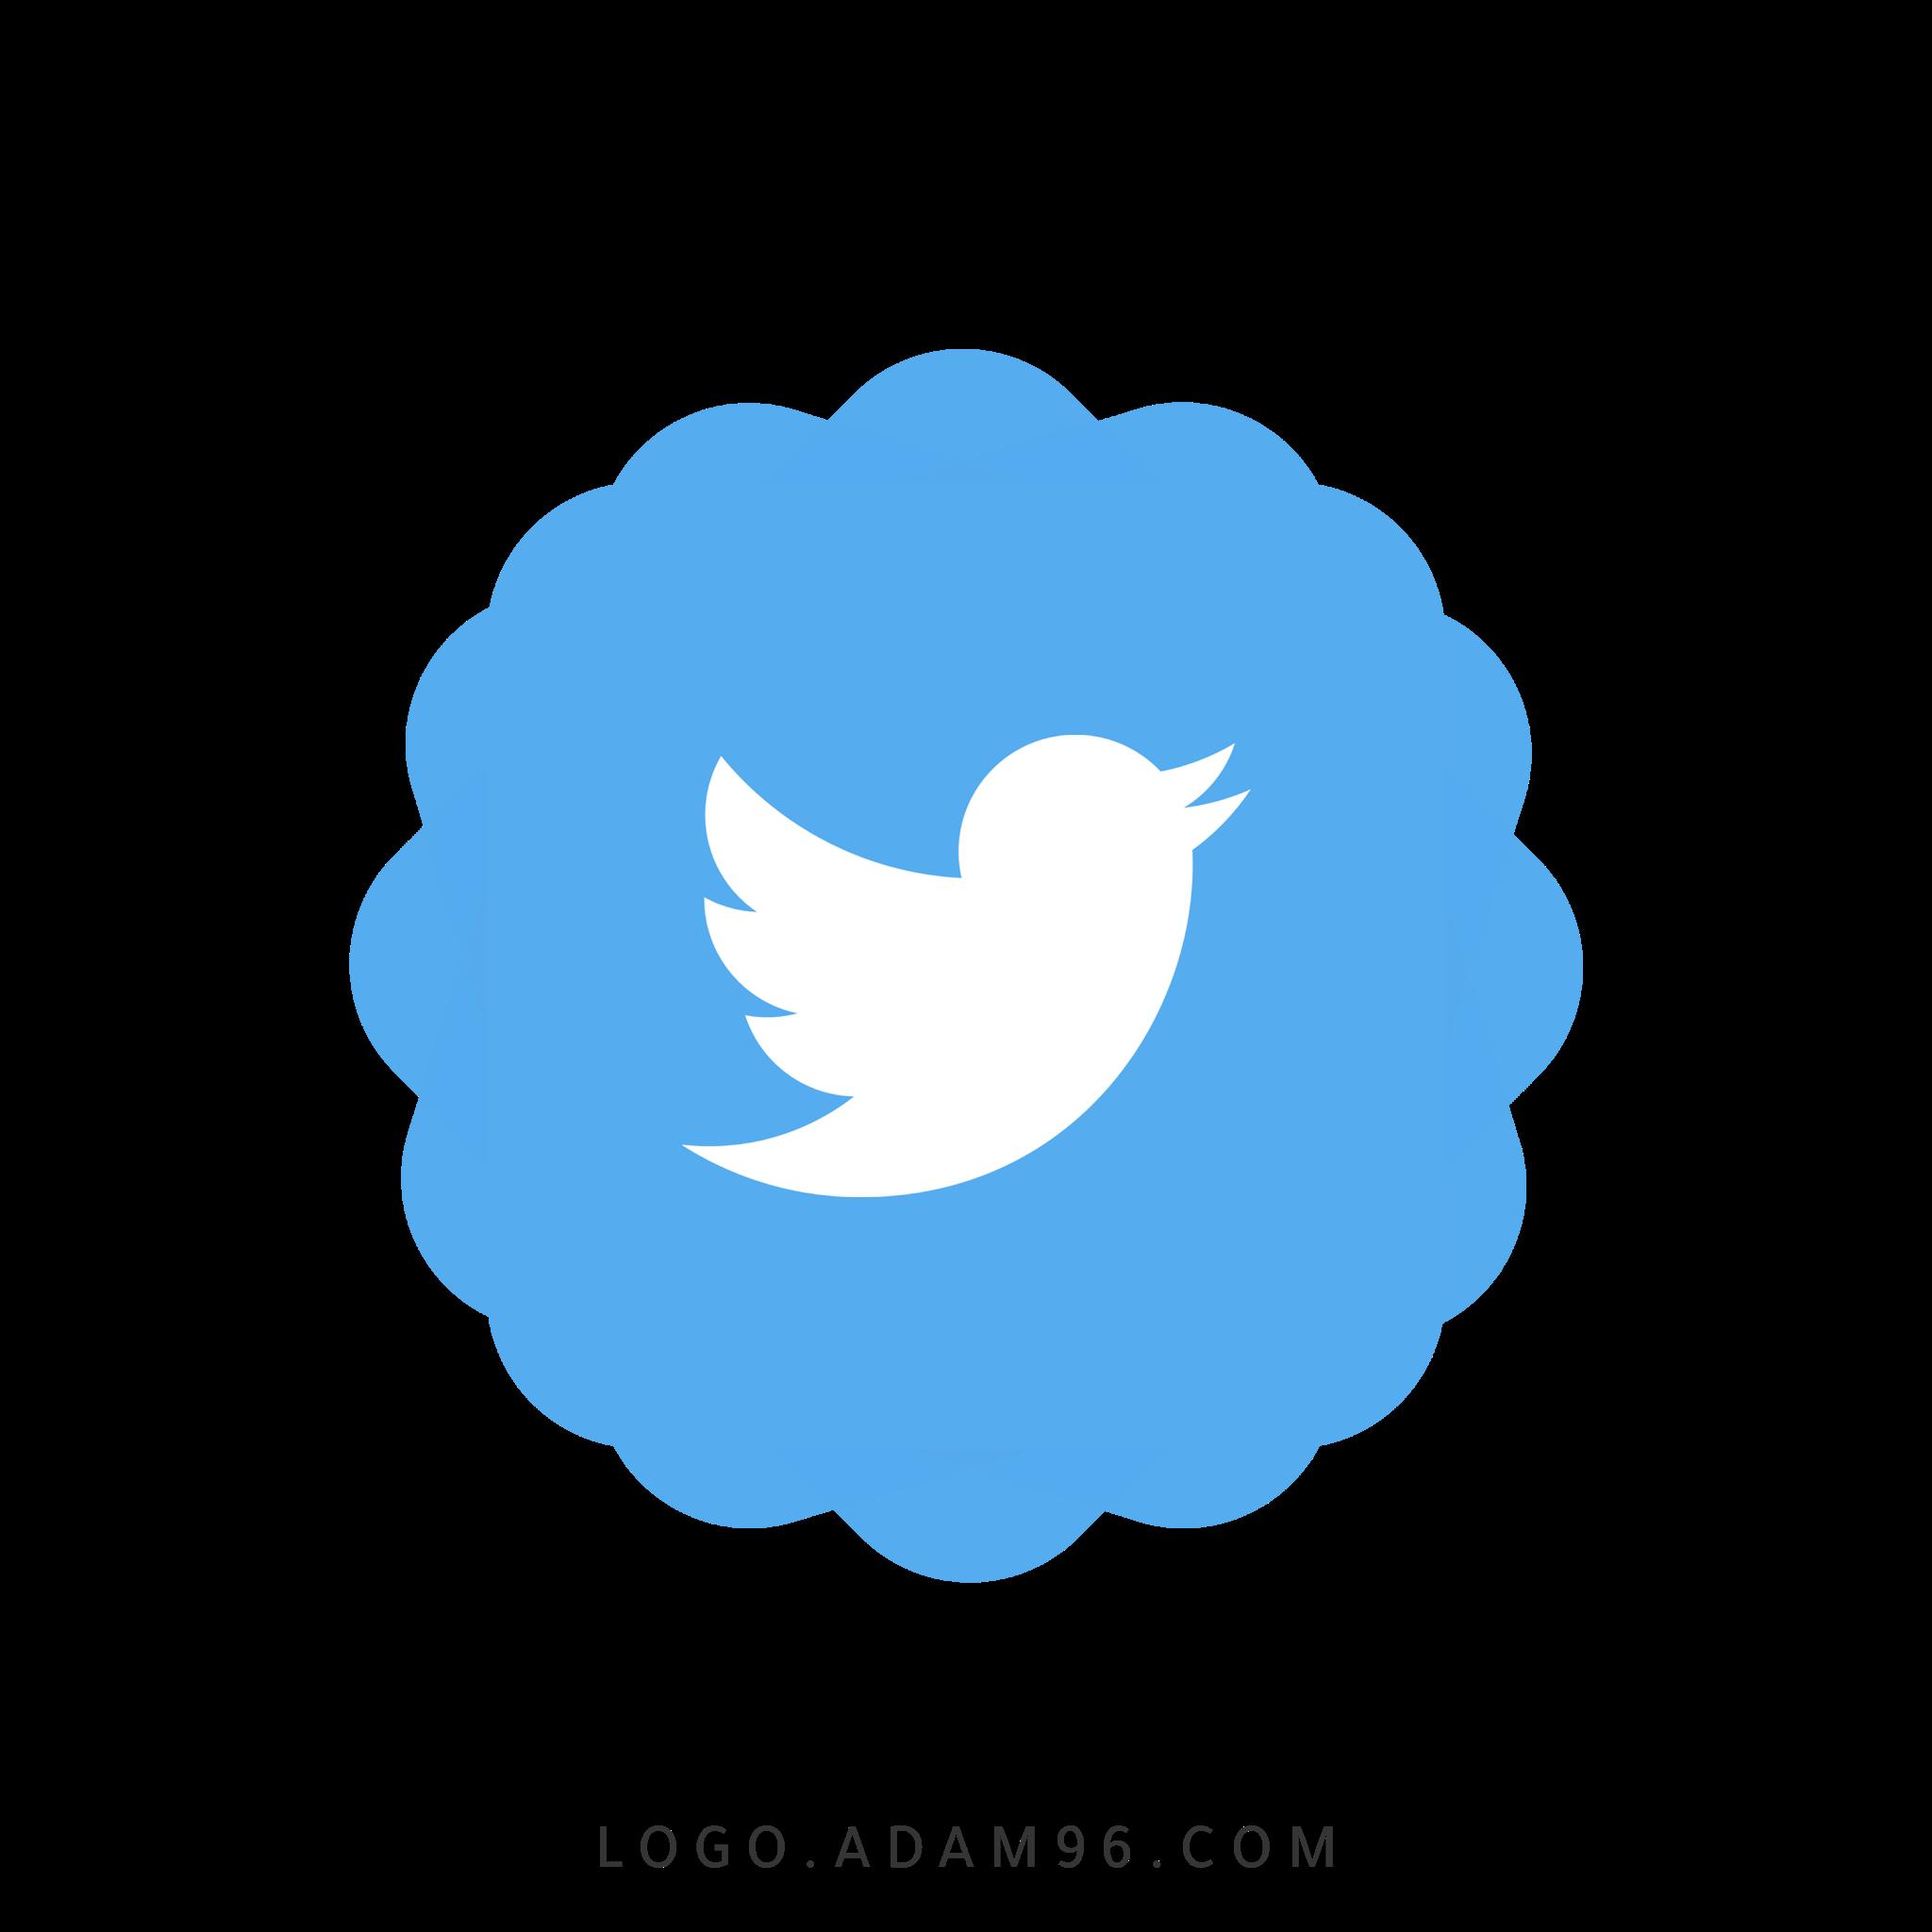 تحميل شعار تويتر شفاف لوجو عالي الدقة بصيغة PNG